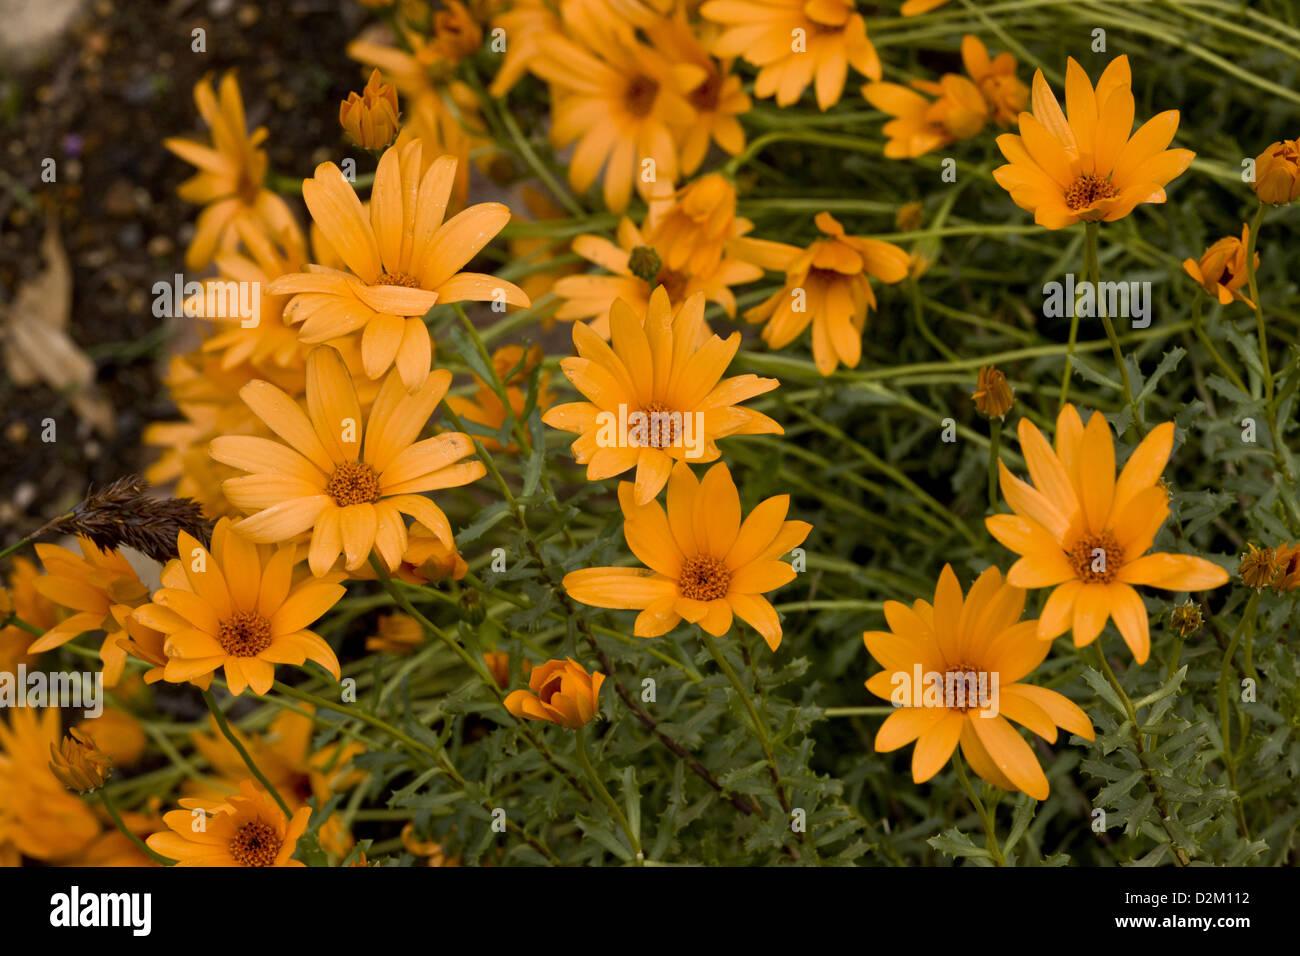 Fiori Tipo Margherite.Fiore Della Pioggia Immagini Fiore Della Pioggia Fotos Stock Alamy